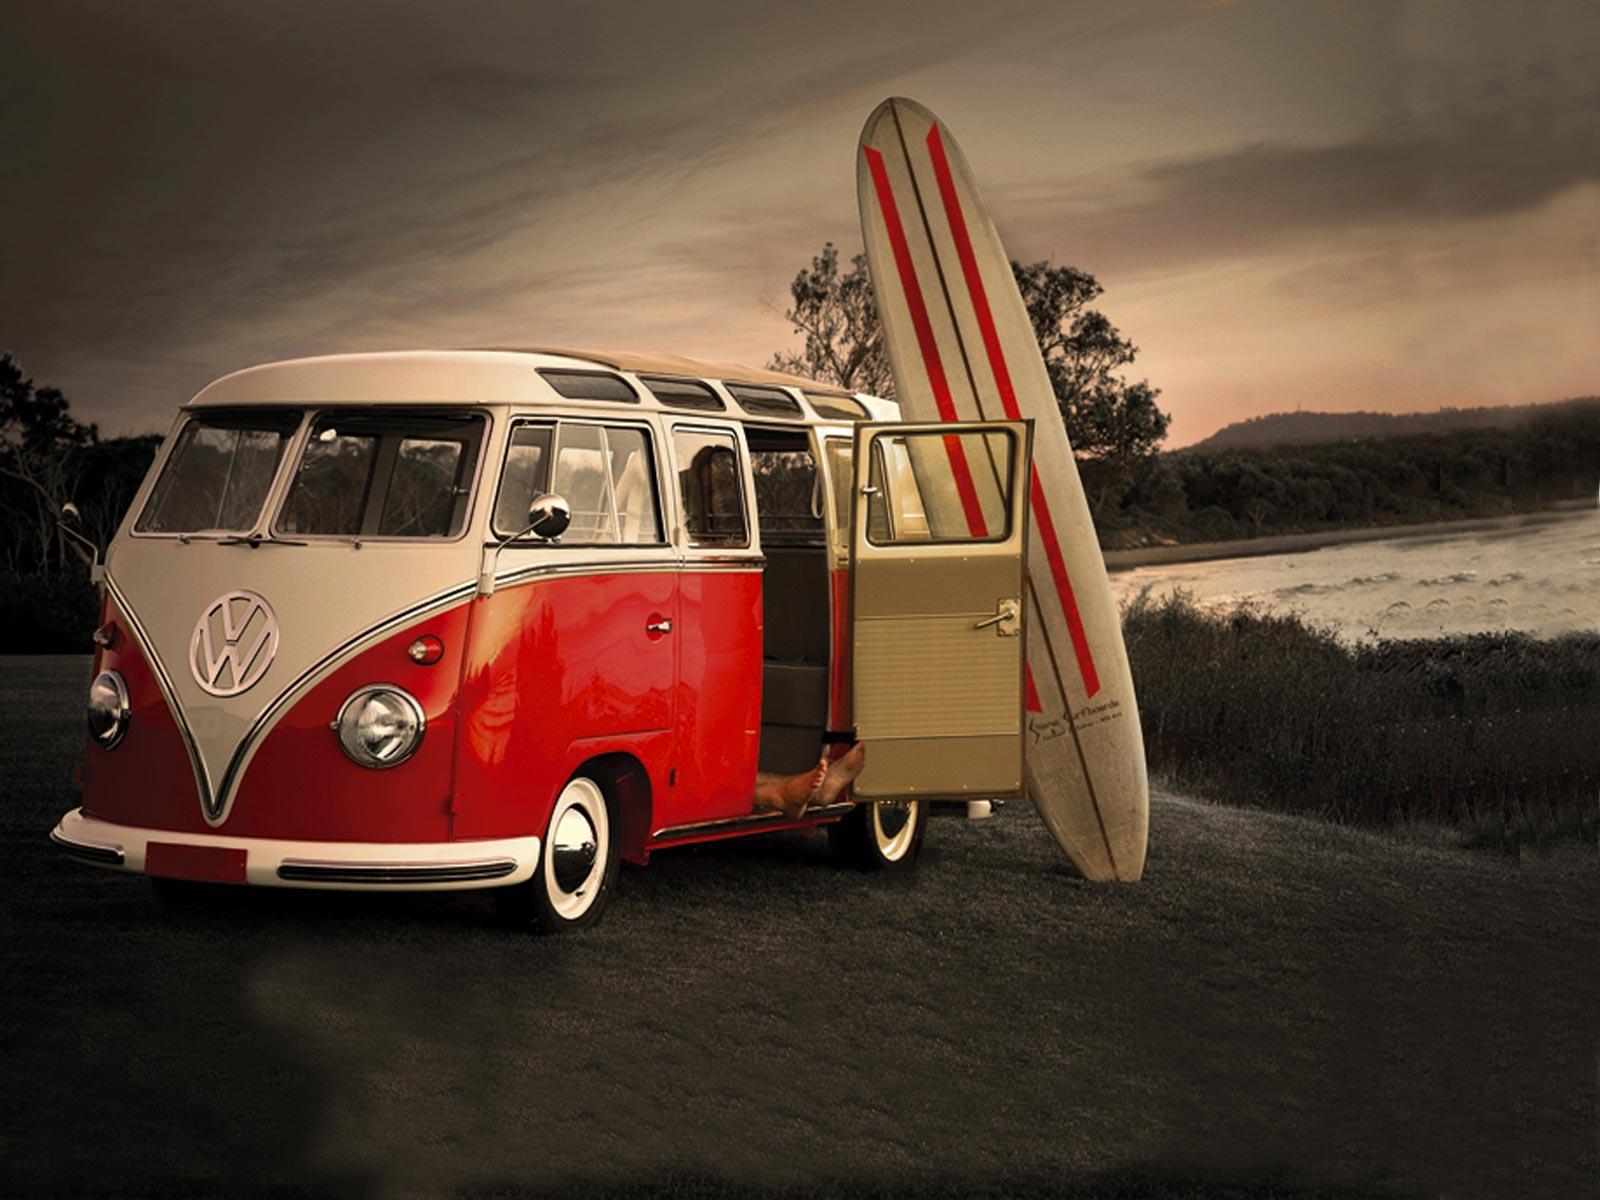 1000 images about volkswagen on pinterest vw. Black Bedroom Furniture Sets. Home Design Ideas